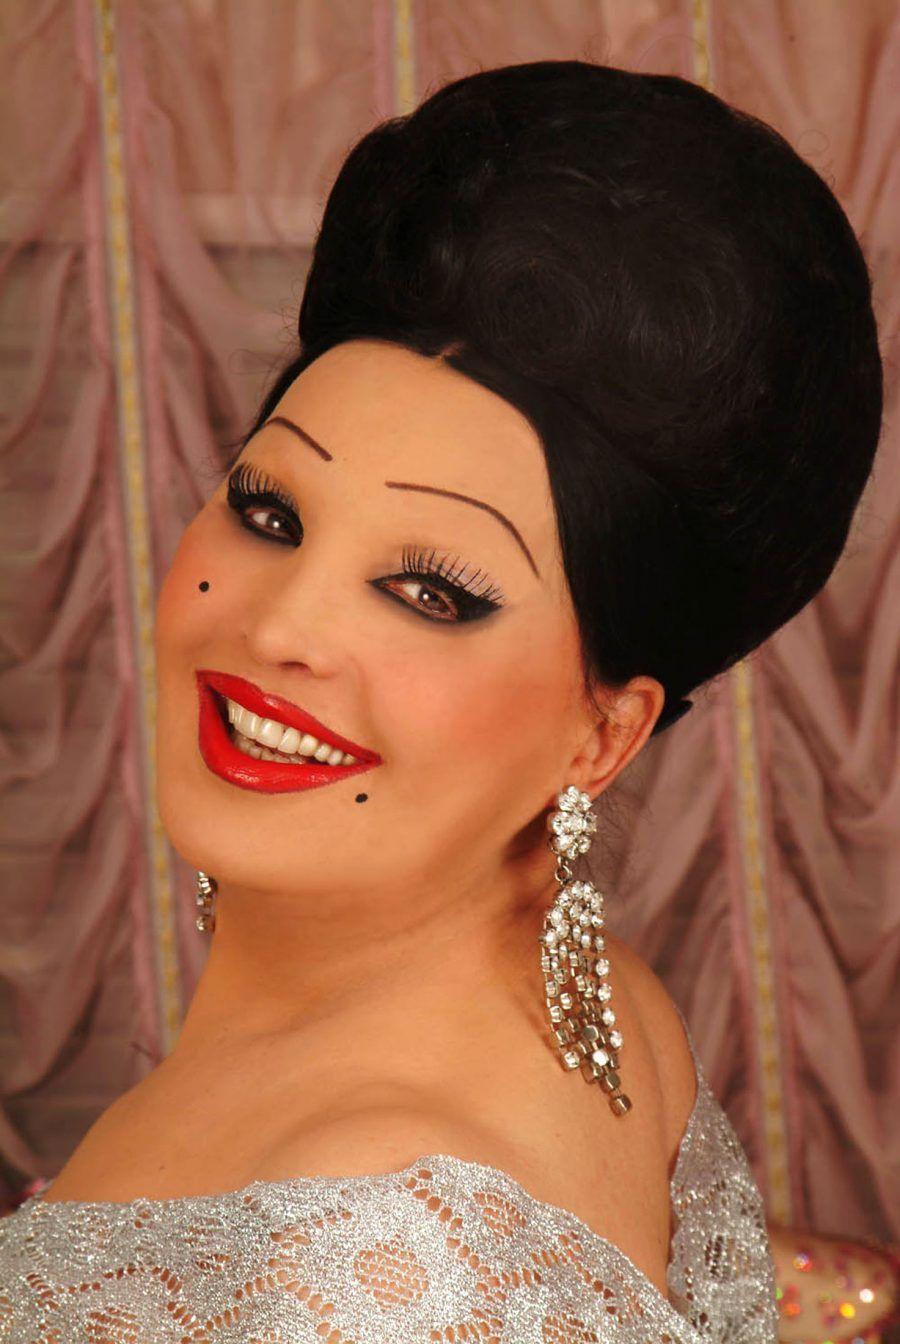 ...poche altre donne sono d'ispirazione (per Carnevale) come lei!